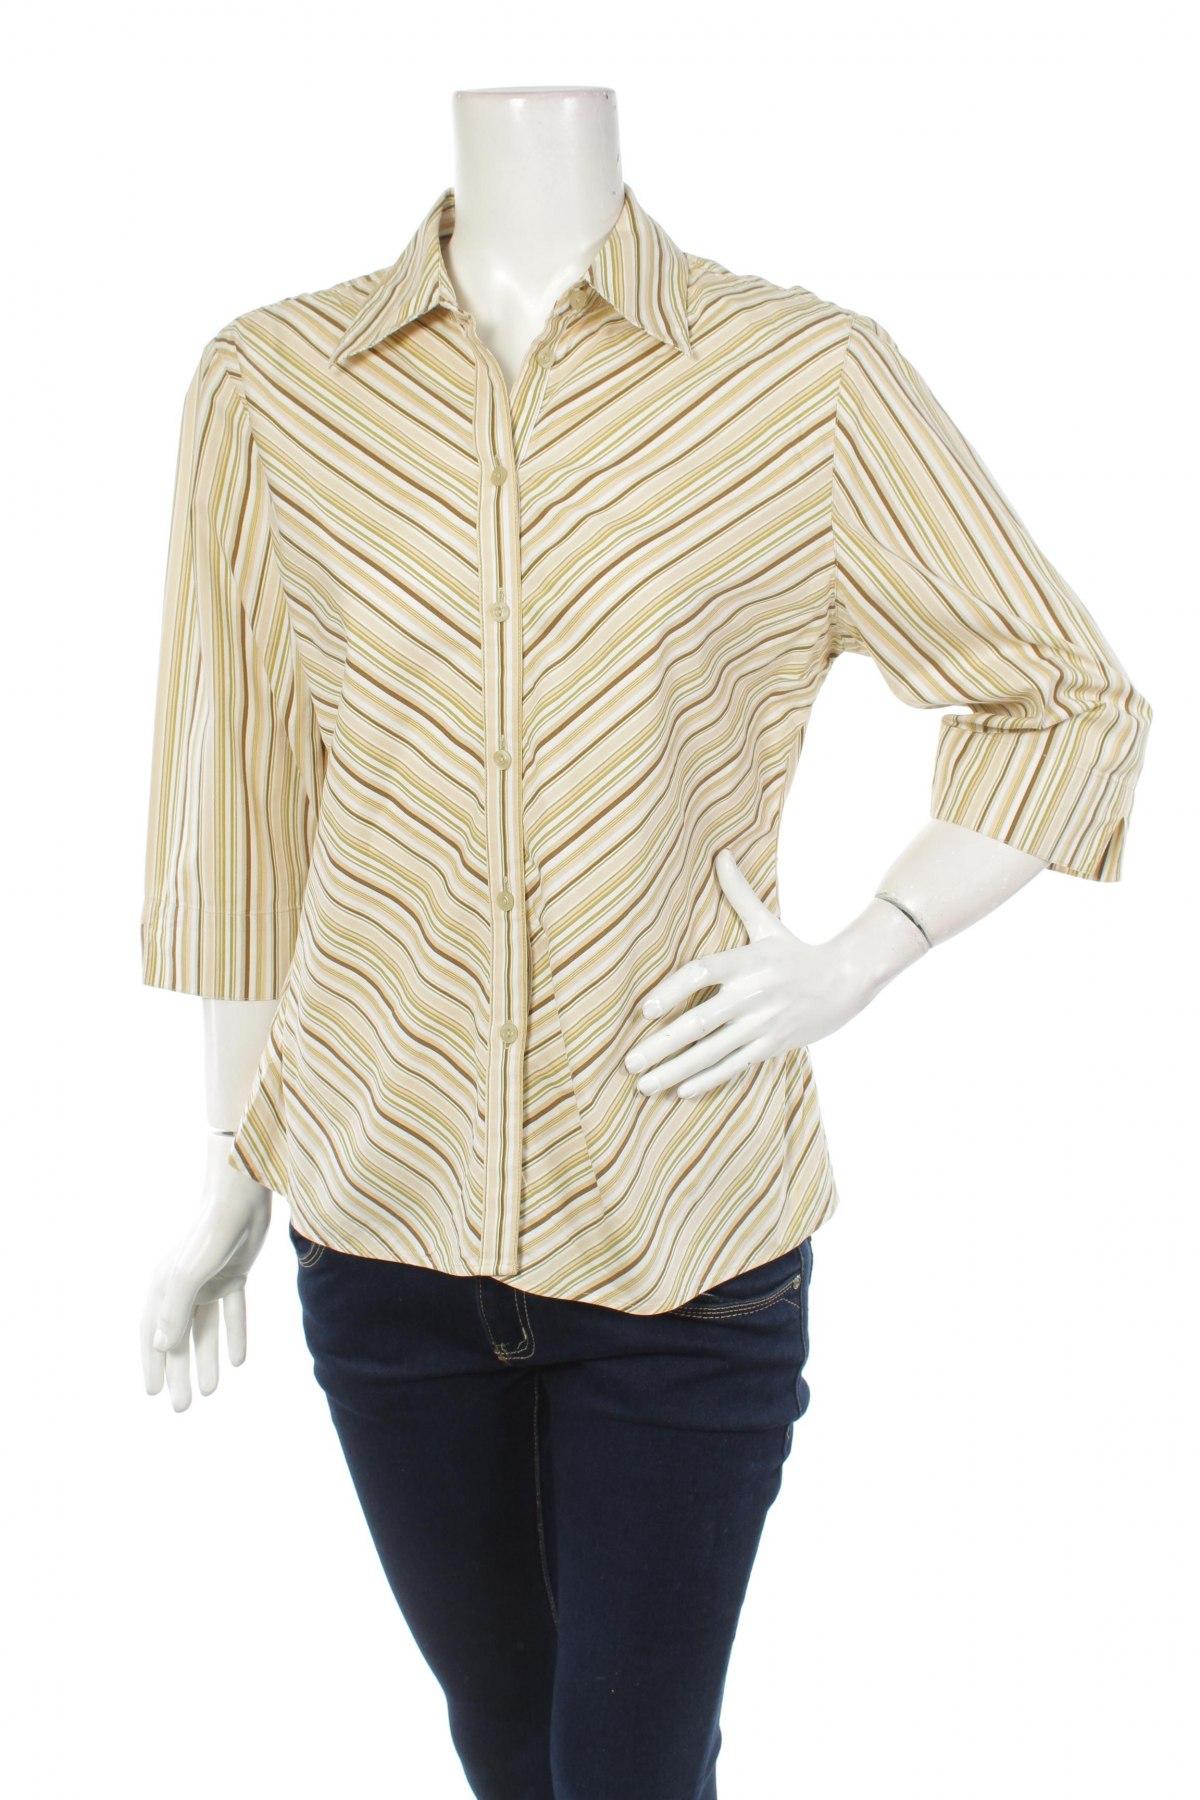 Γυναικείο πουκάμισο Canda, Μέγεθος L, Χρώμα Πολύχρωμο, 96% βαμβάκι, 4% ελαστάνη, Τιμή 13,92€